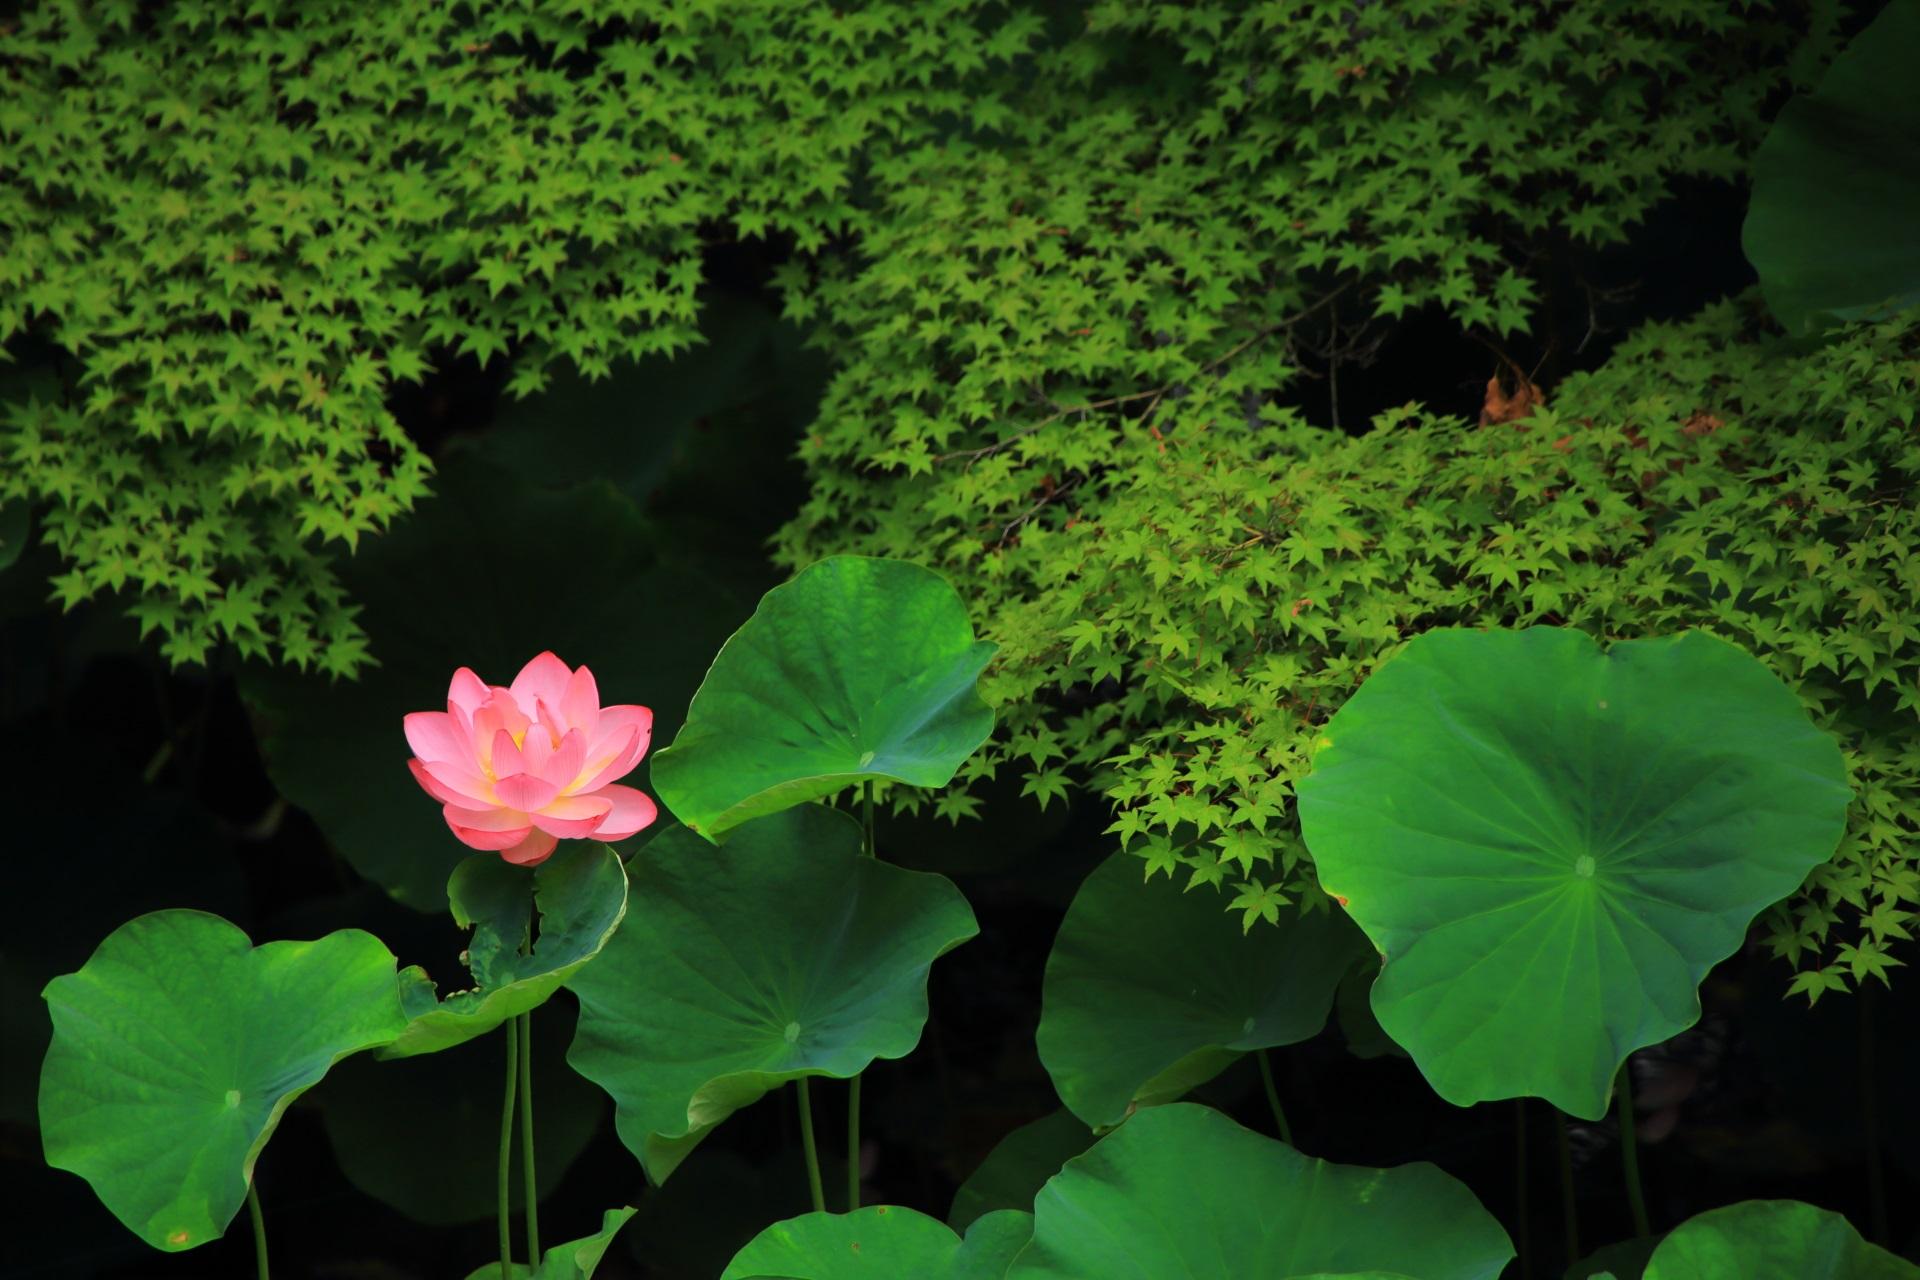 緑の中でアクセントになるピンクのハスの花